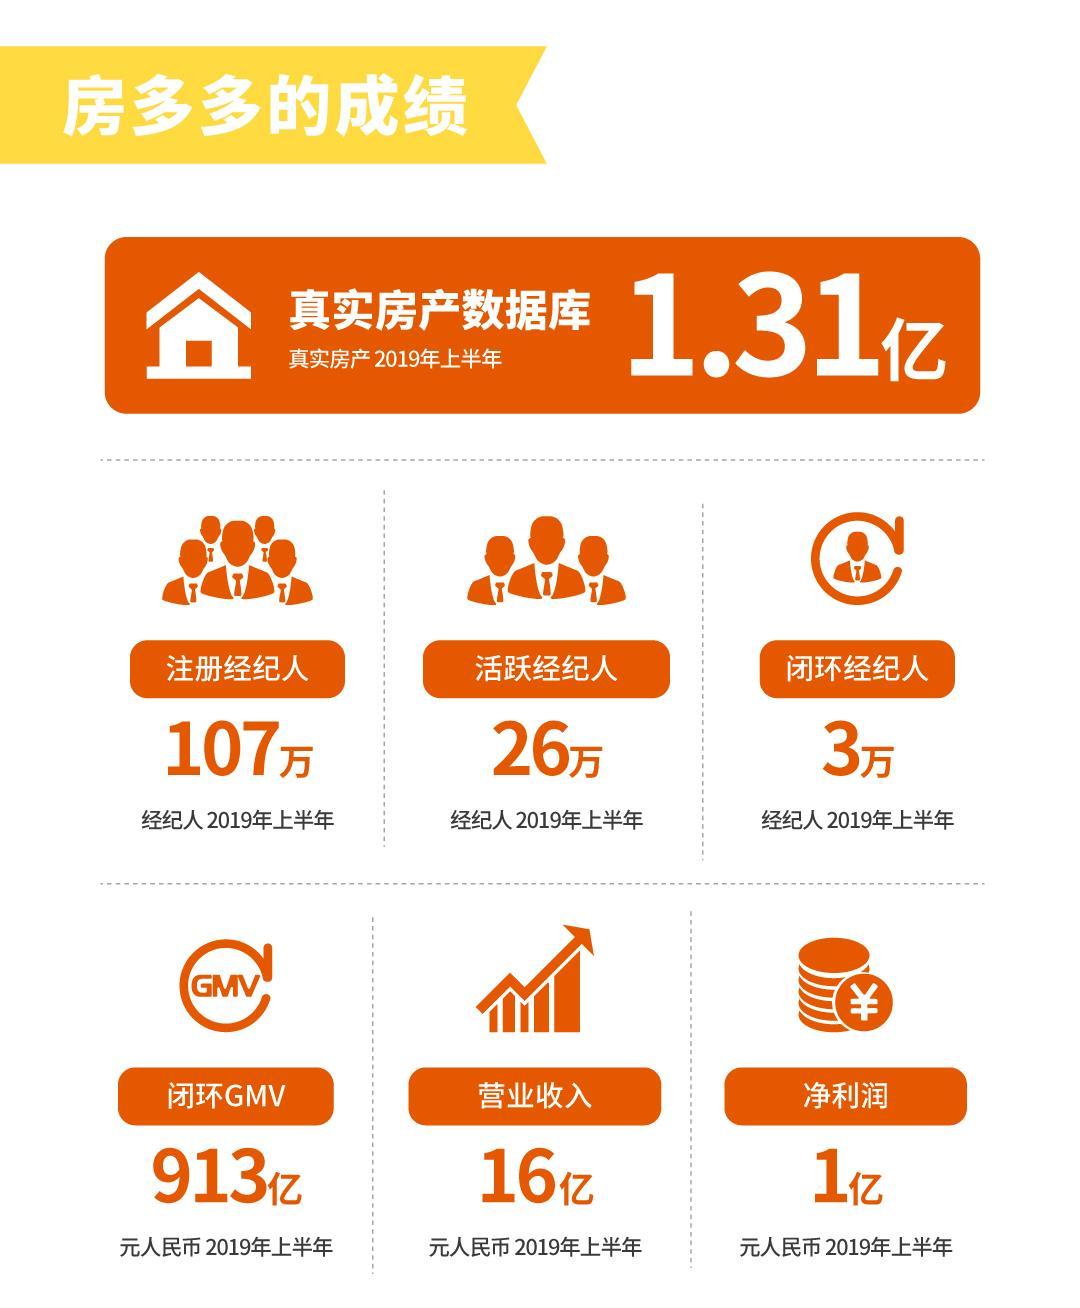 http://www.fanchuhou.com/yule/980323.html